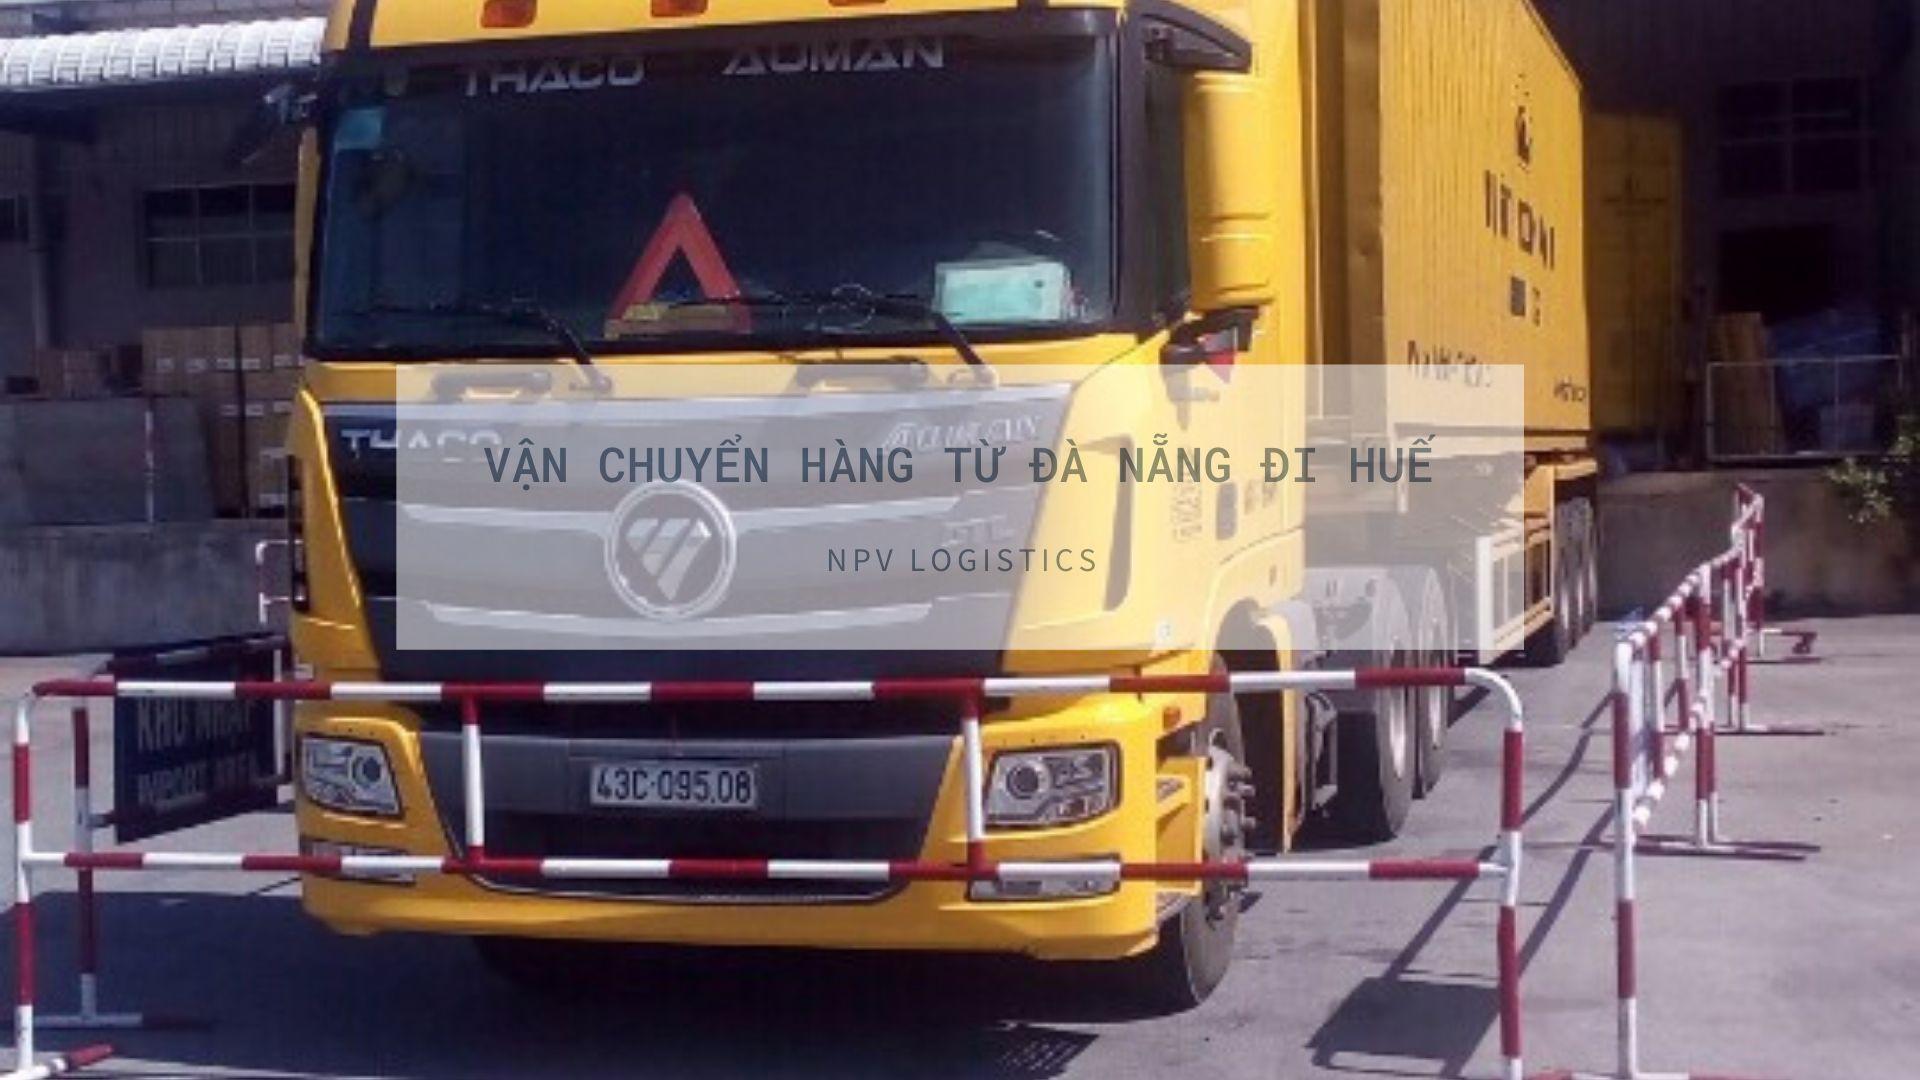 Vận chuyển hàng từ Đà Nẵng đi Huế